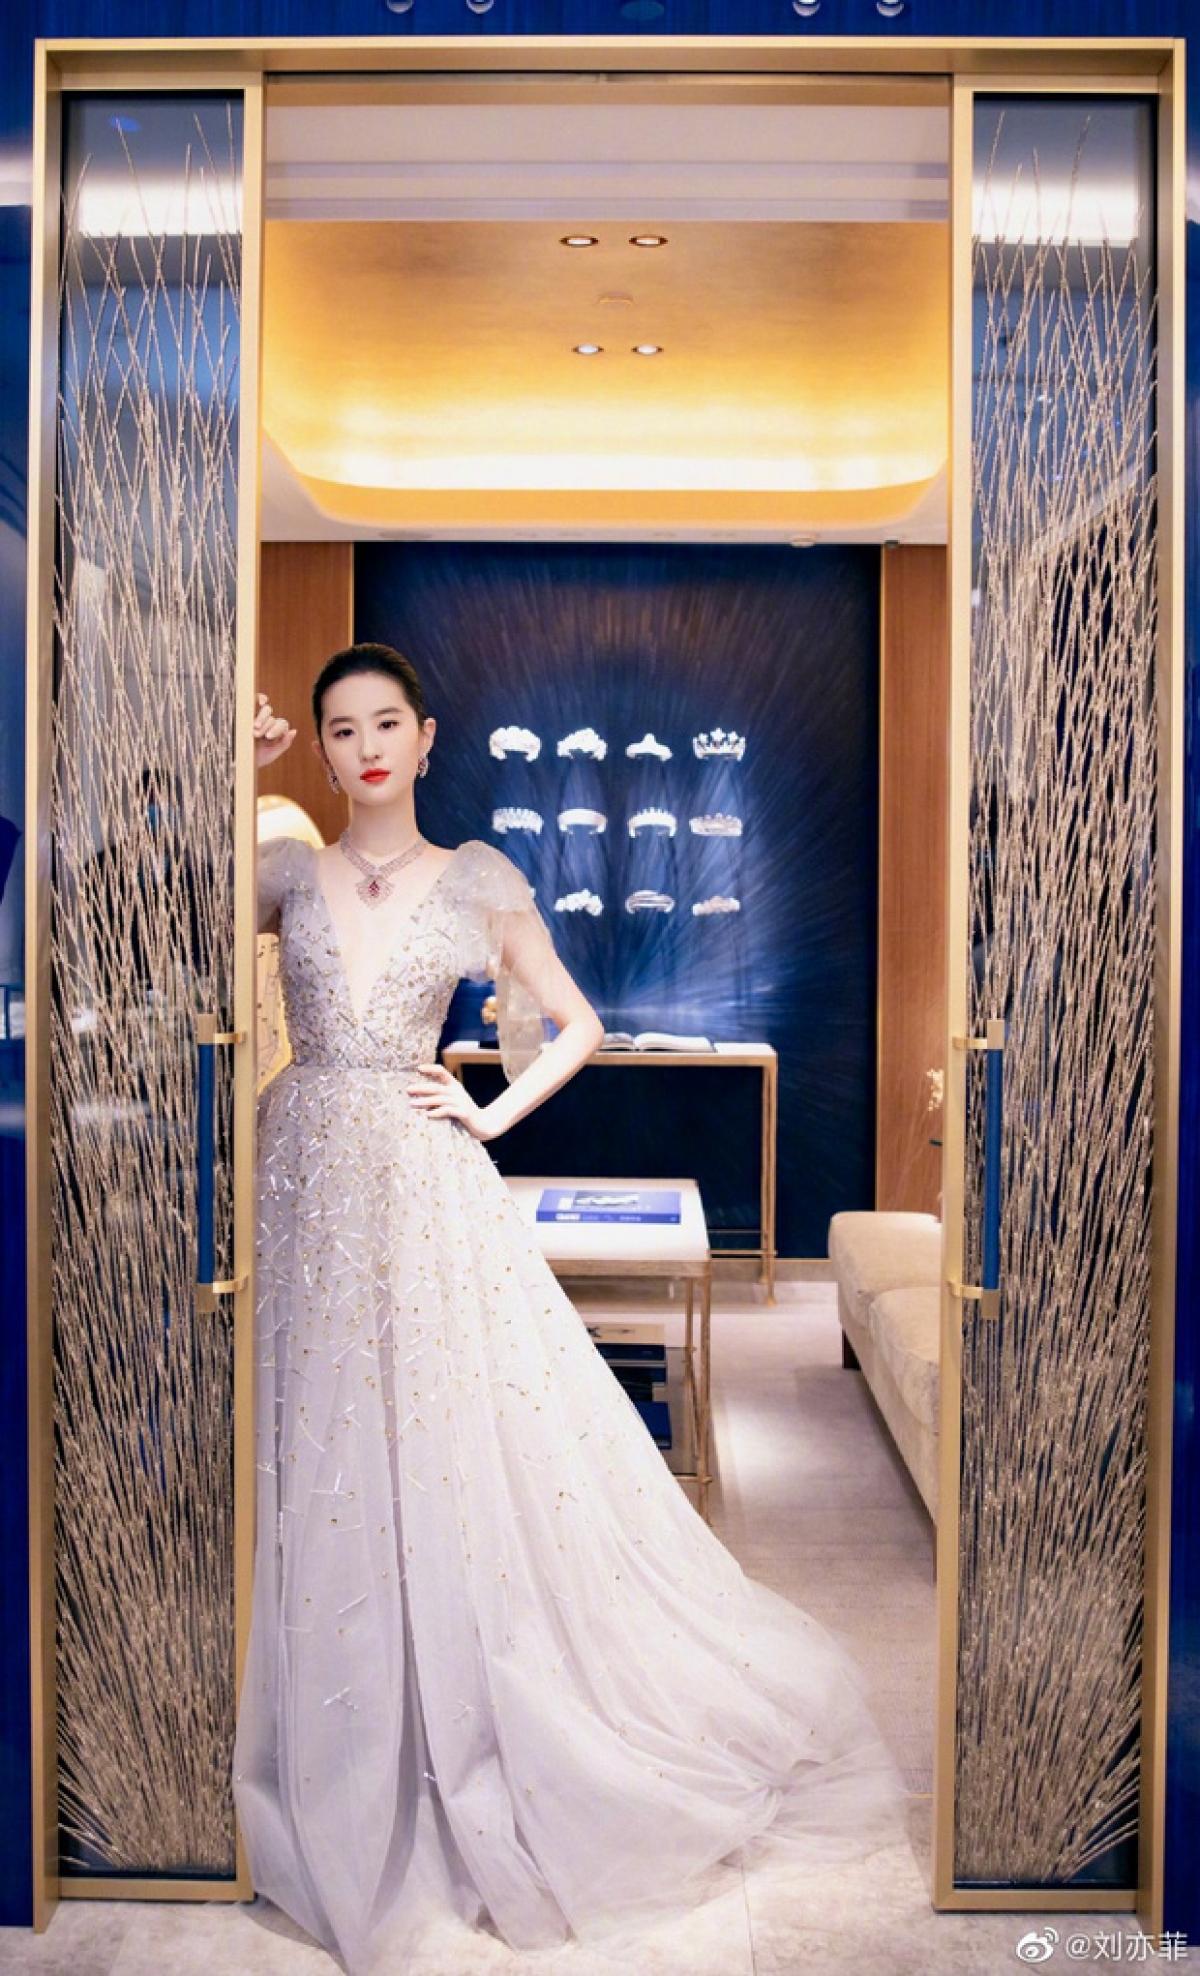 Công chúng khen ngợi mỹ nhân sinh năm 1987tựa như nàng công chúa bước ra từ truyện cổ tích.